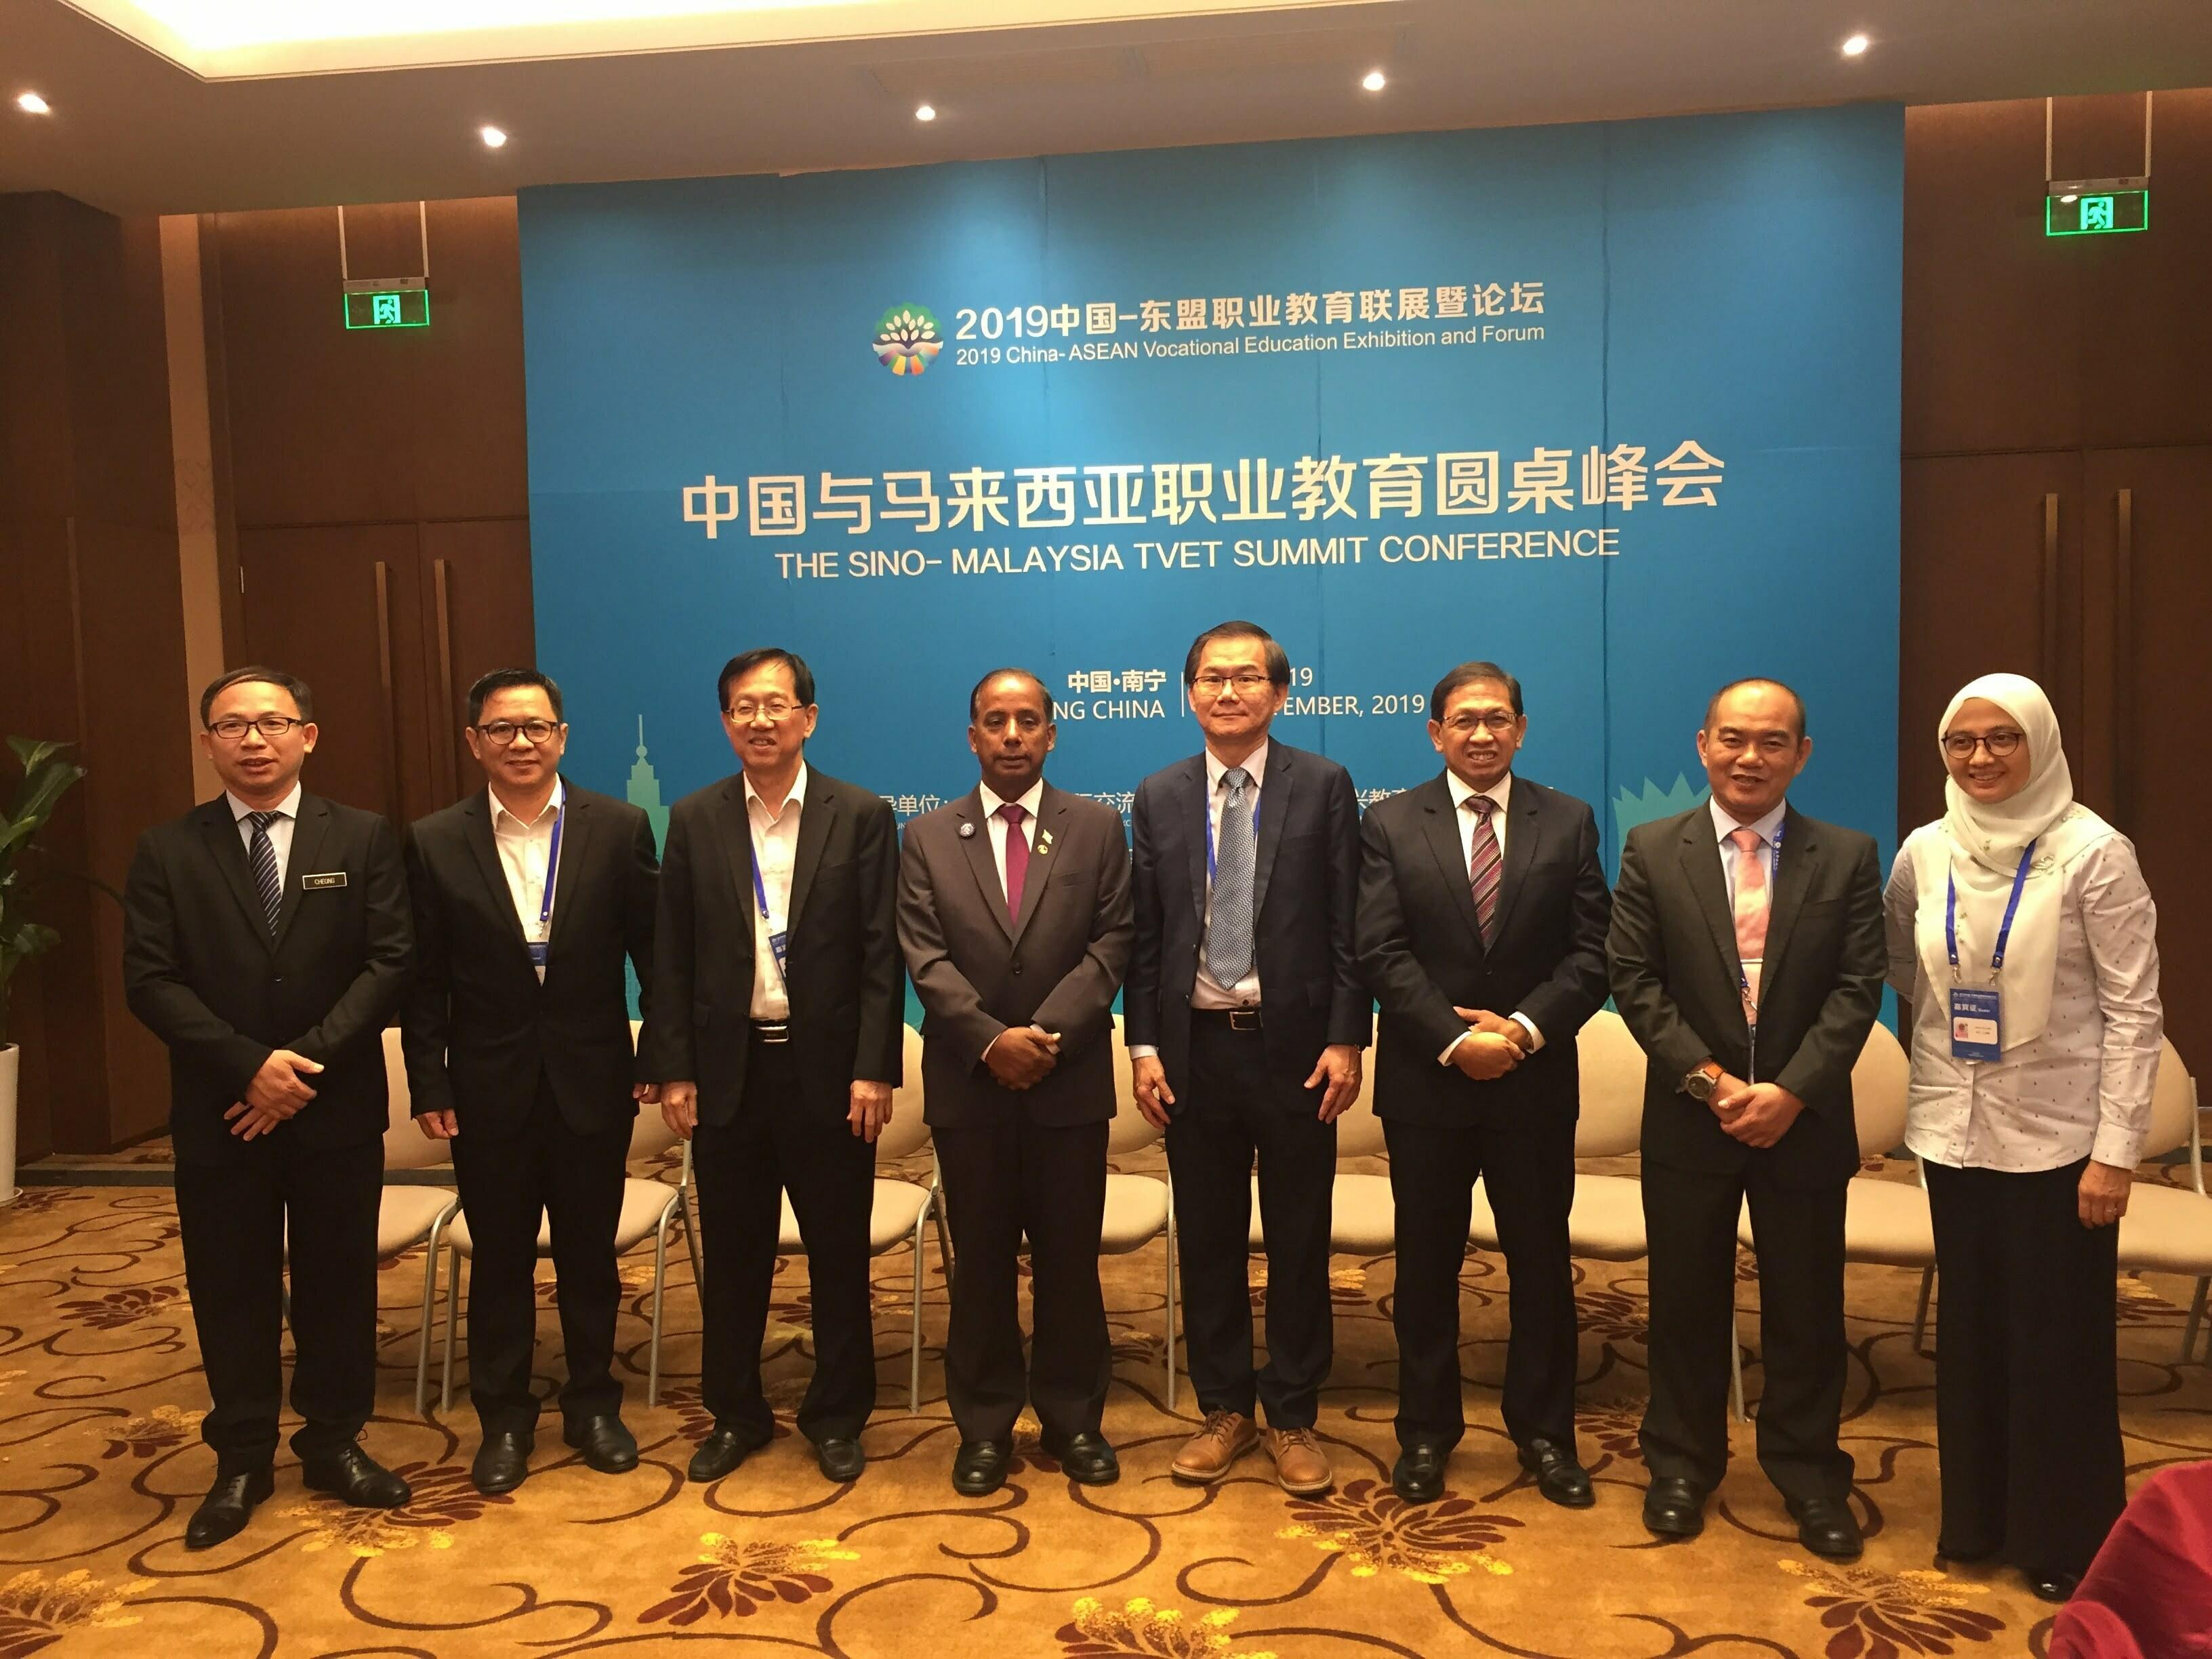 出席中马职教圆桌峰会的马来西亚代表们与人力资源部M.古拉部长合影